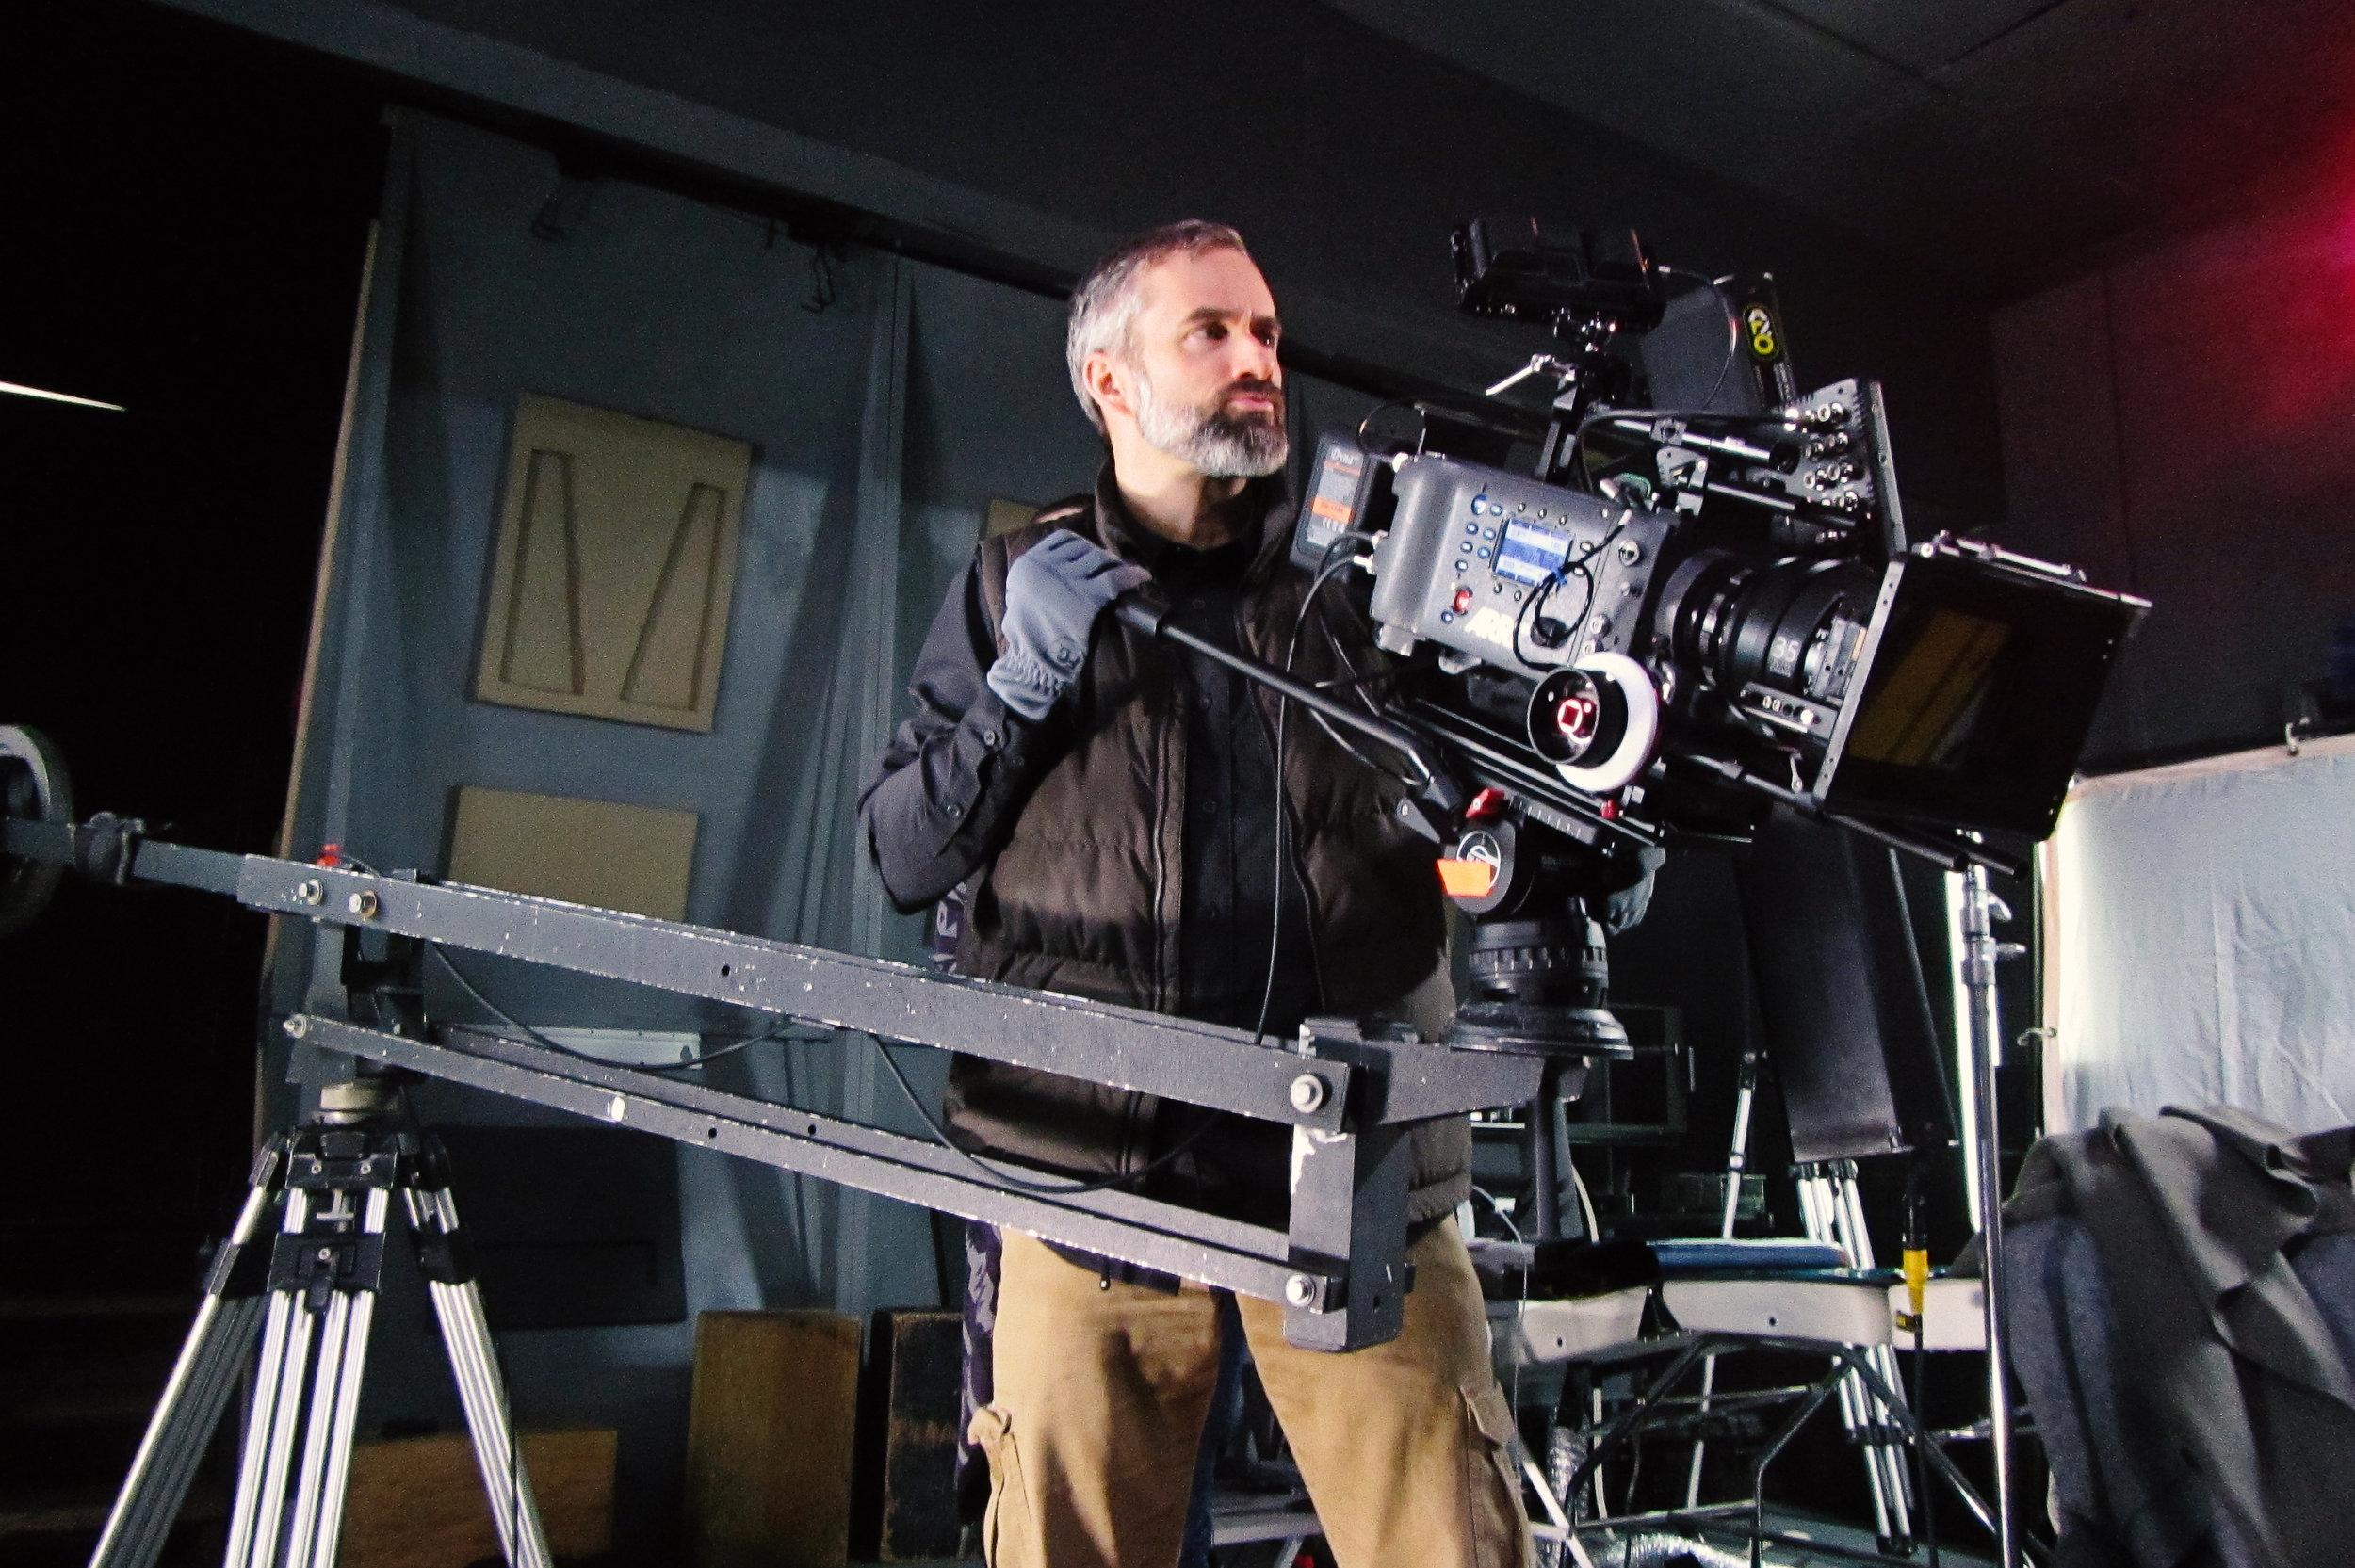 David A. Skousen - Director of Photography